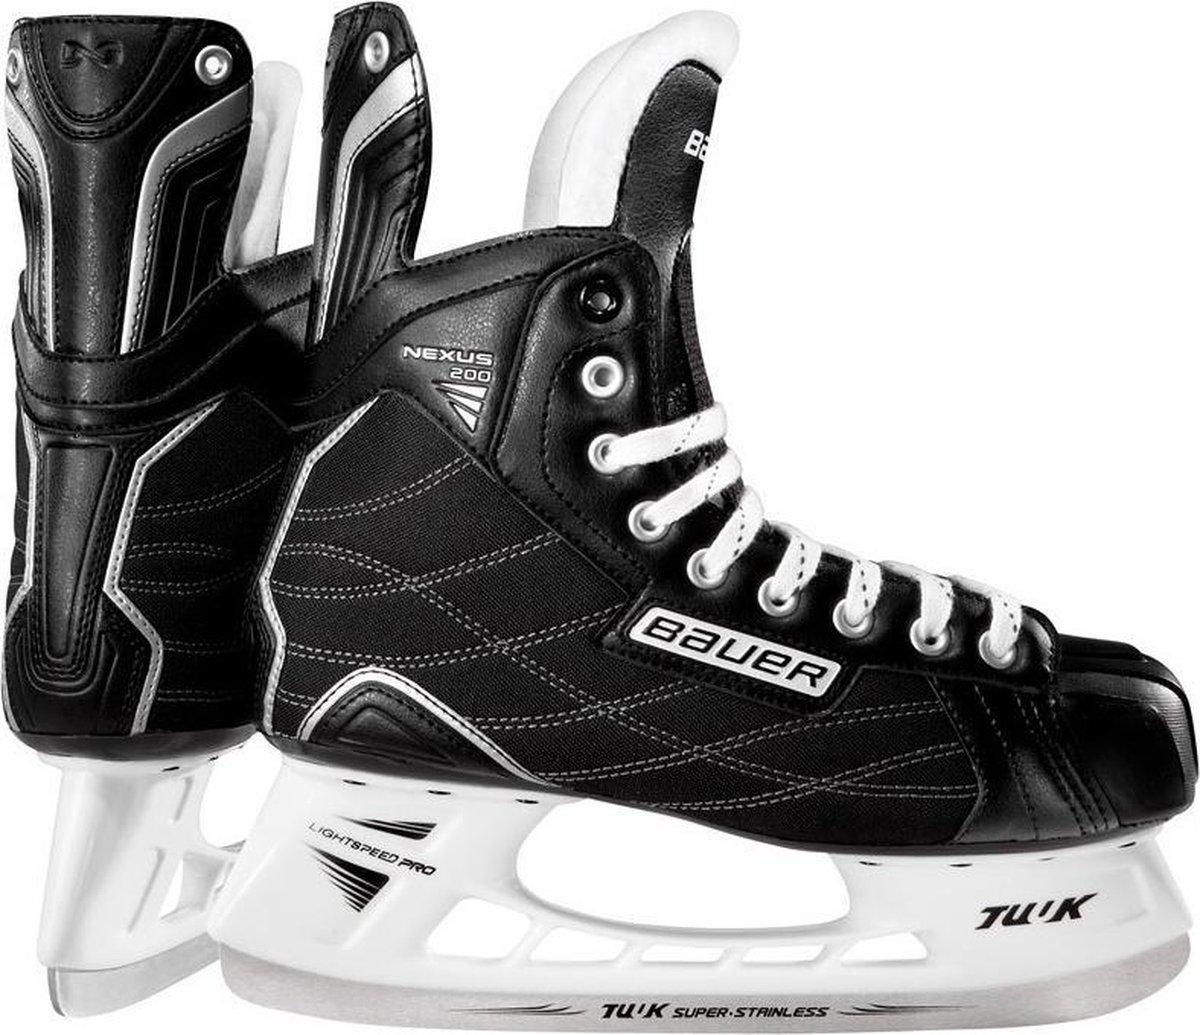 Bauer IJshockeyschaats NEXUS 200 | Maat 45,5